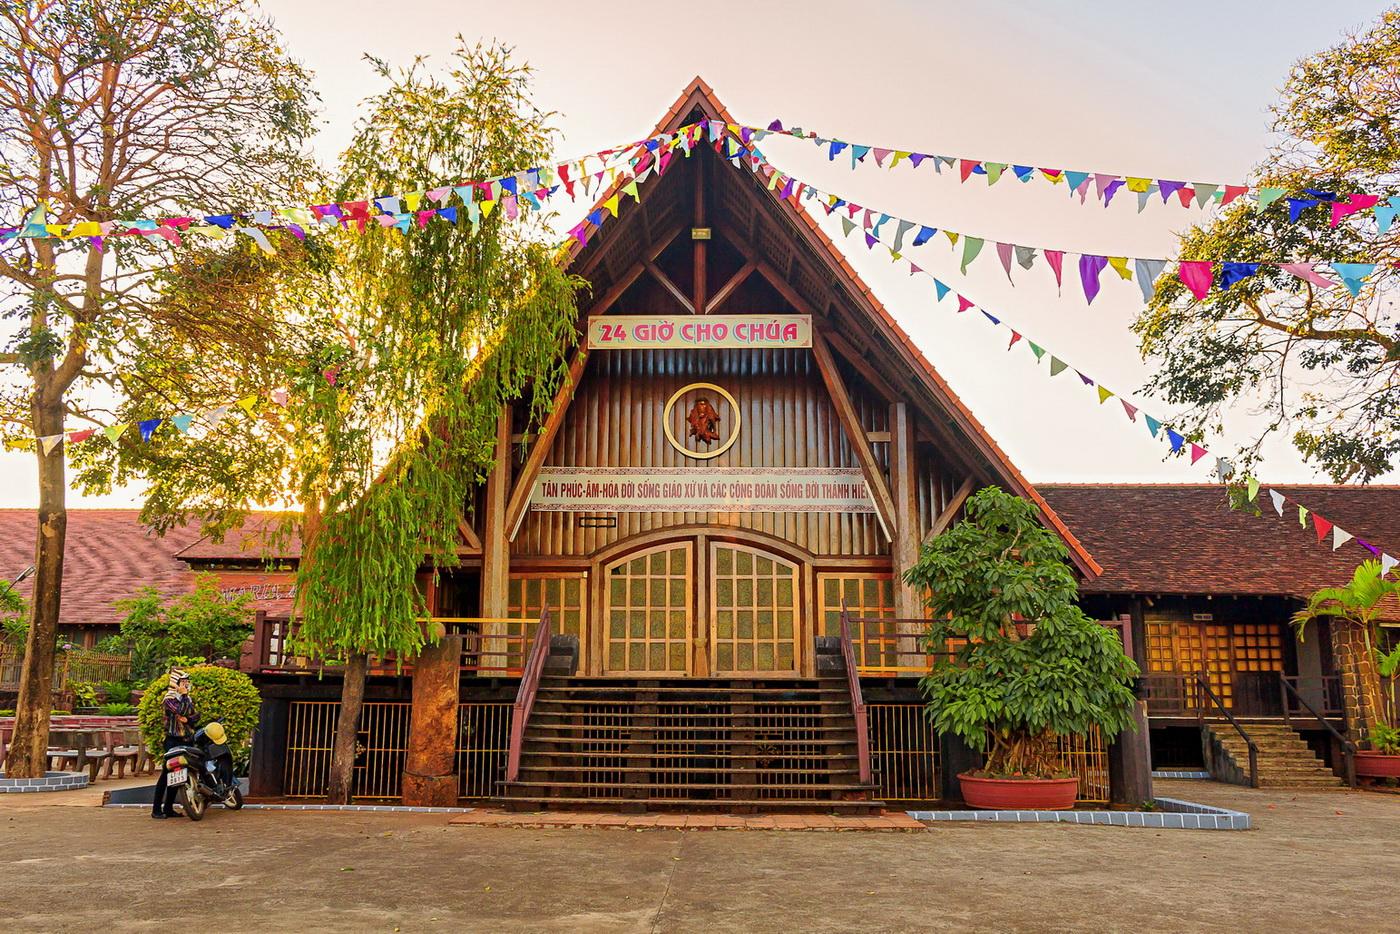 Thư Mời Họp Mặt Đồng Hương BMT tại Sài Gòn